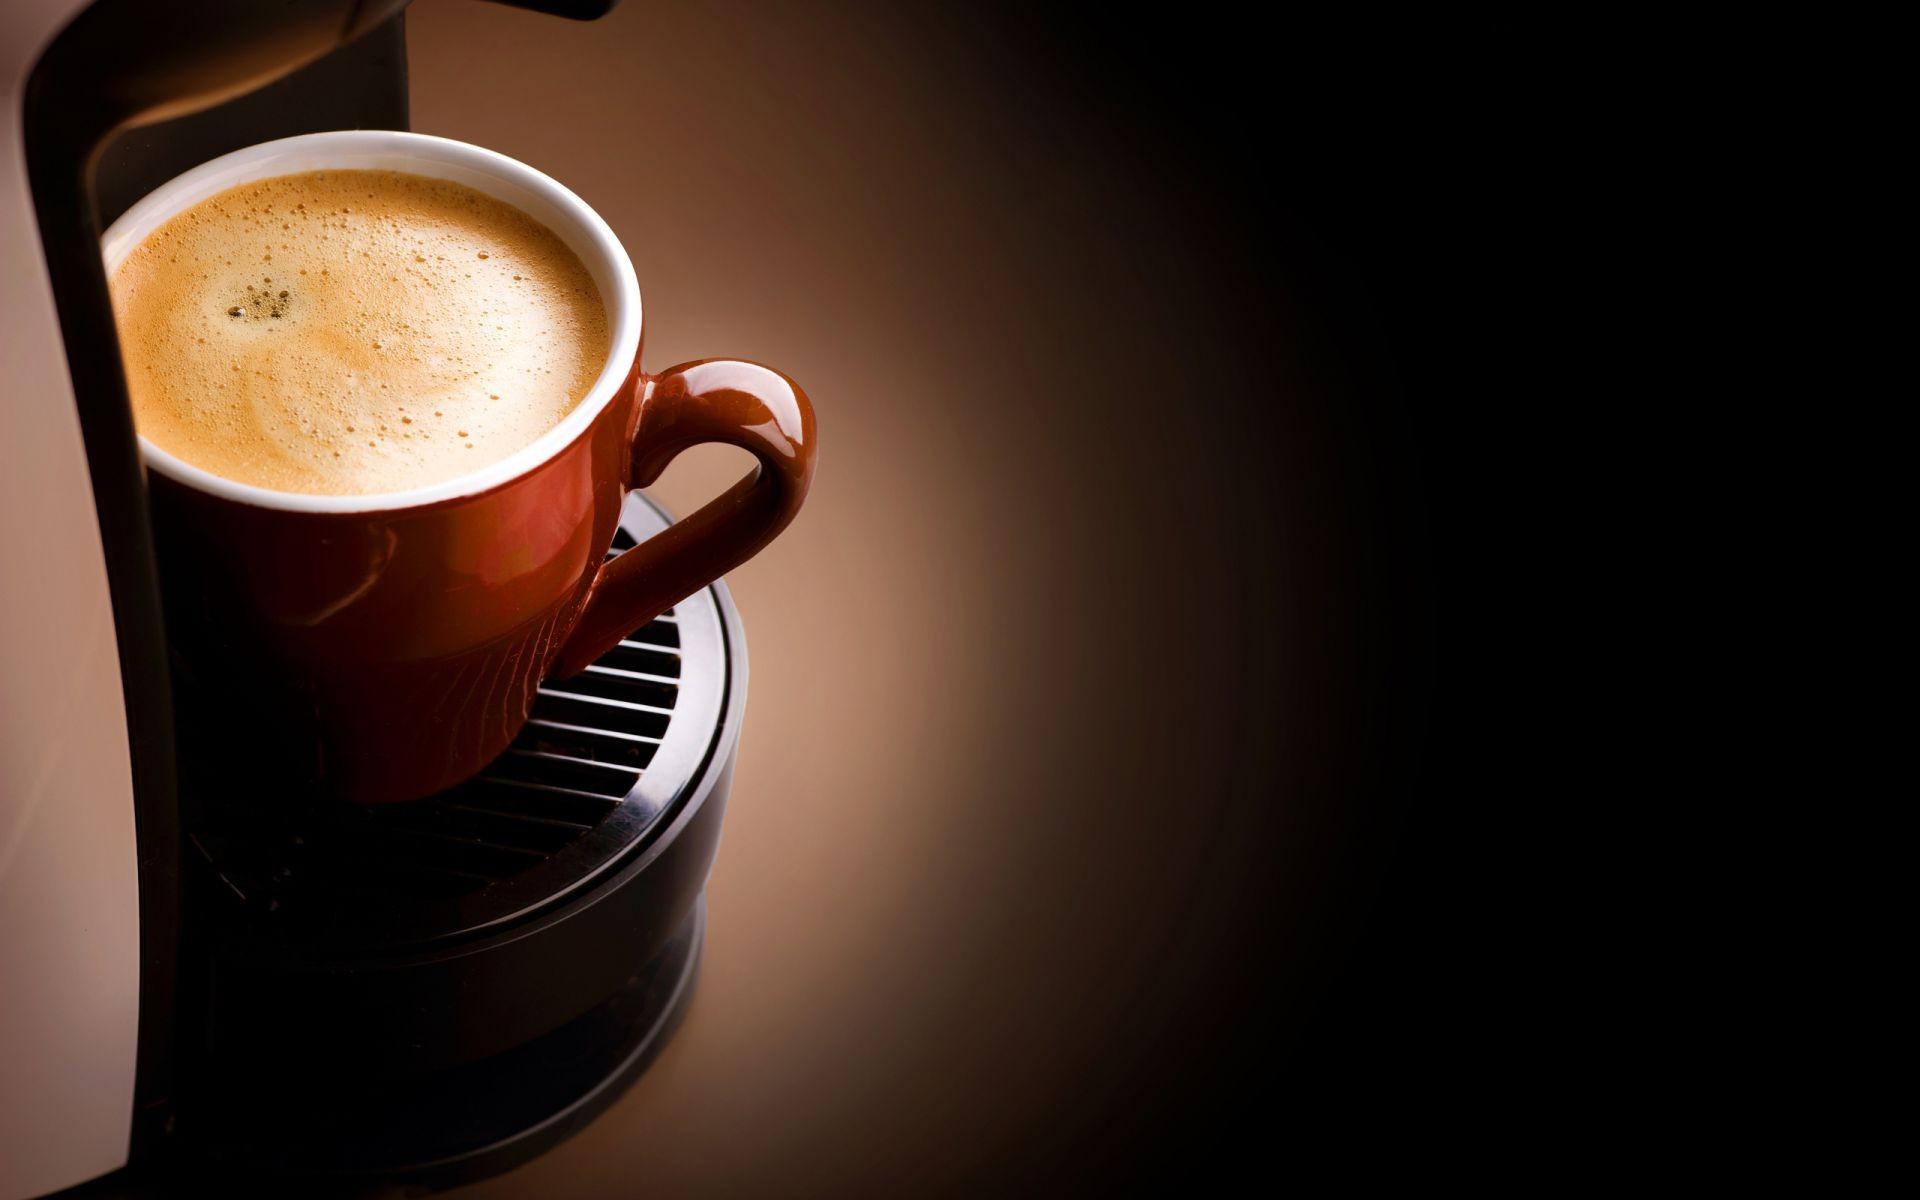 красотка, окно, сидит, кофе без смс